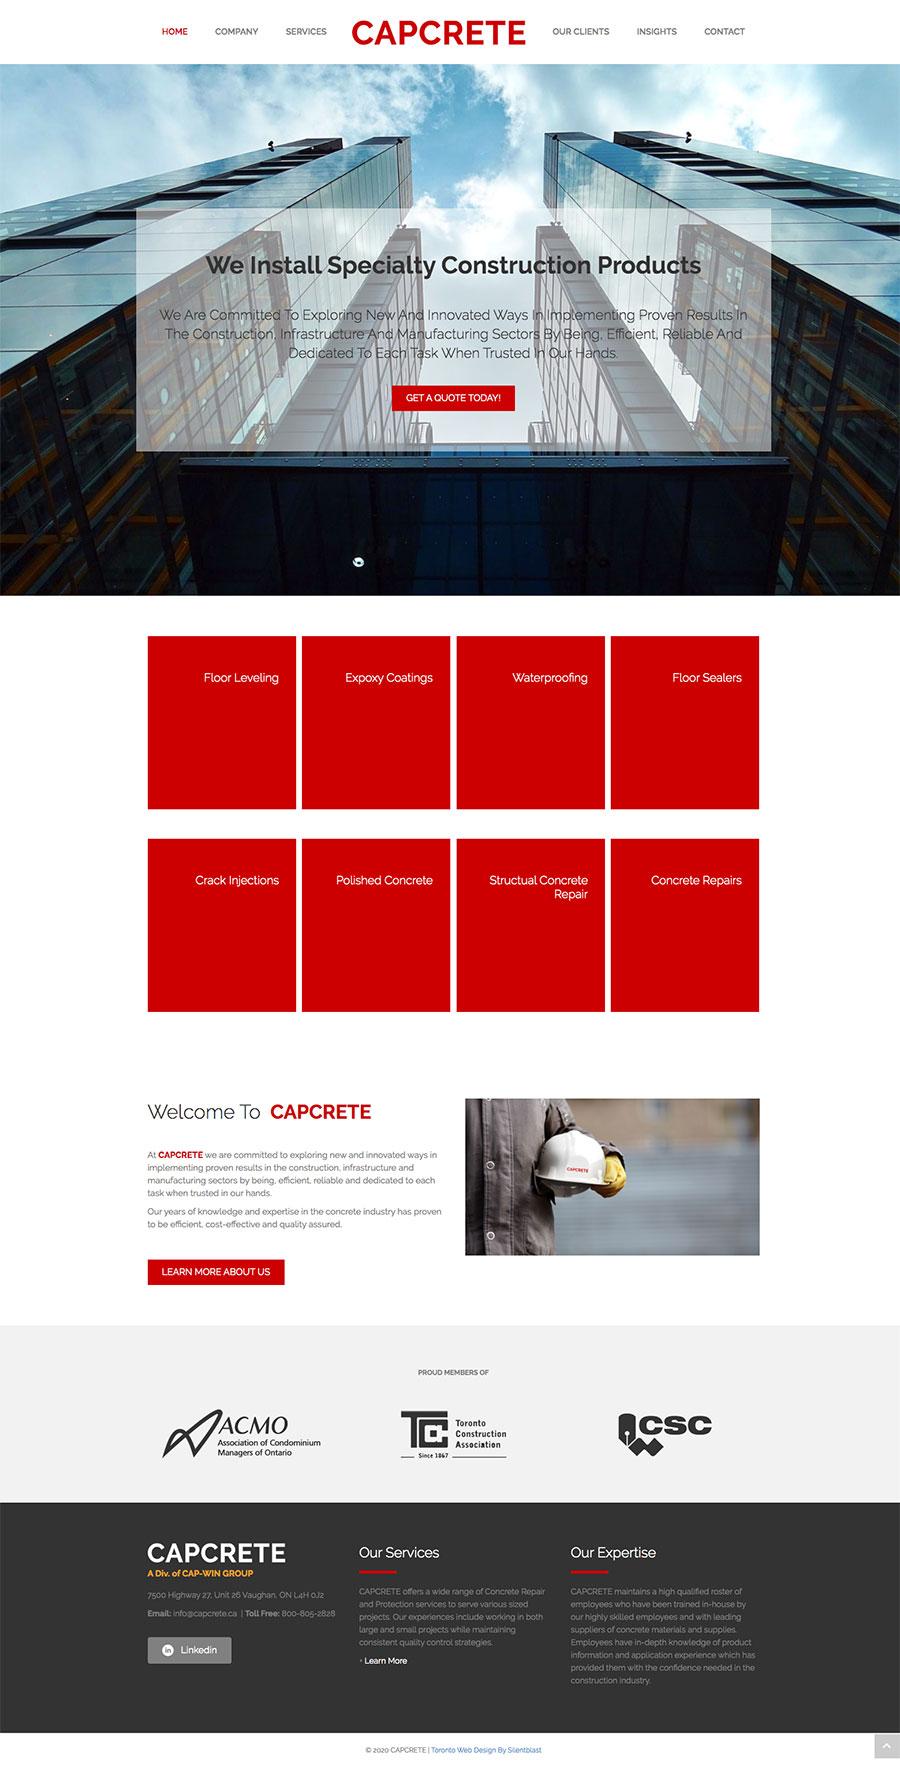 wwwcapcrete.ca